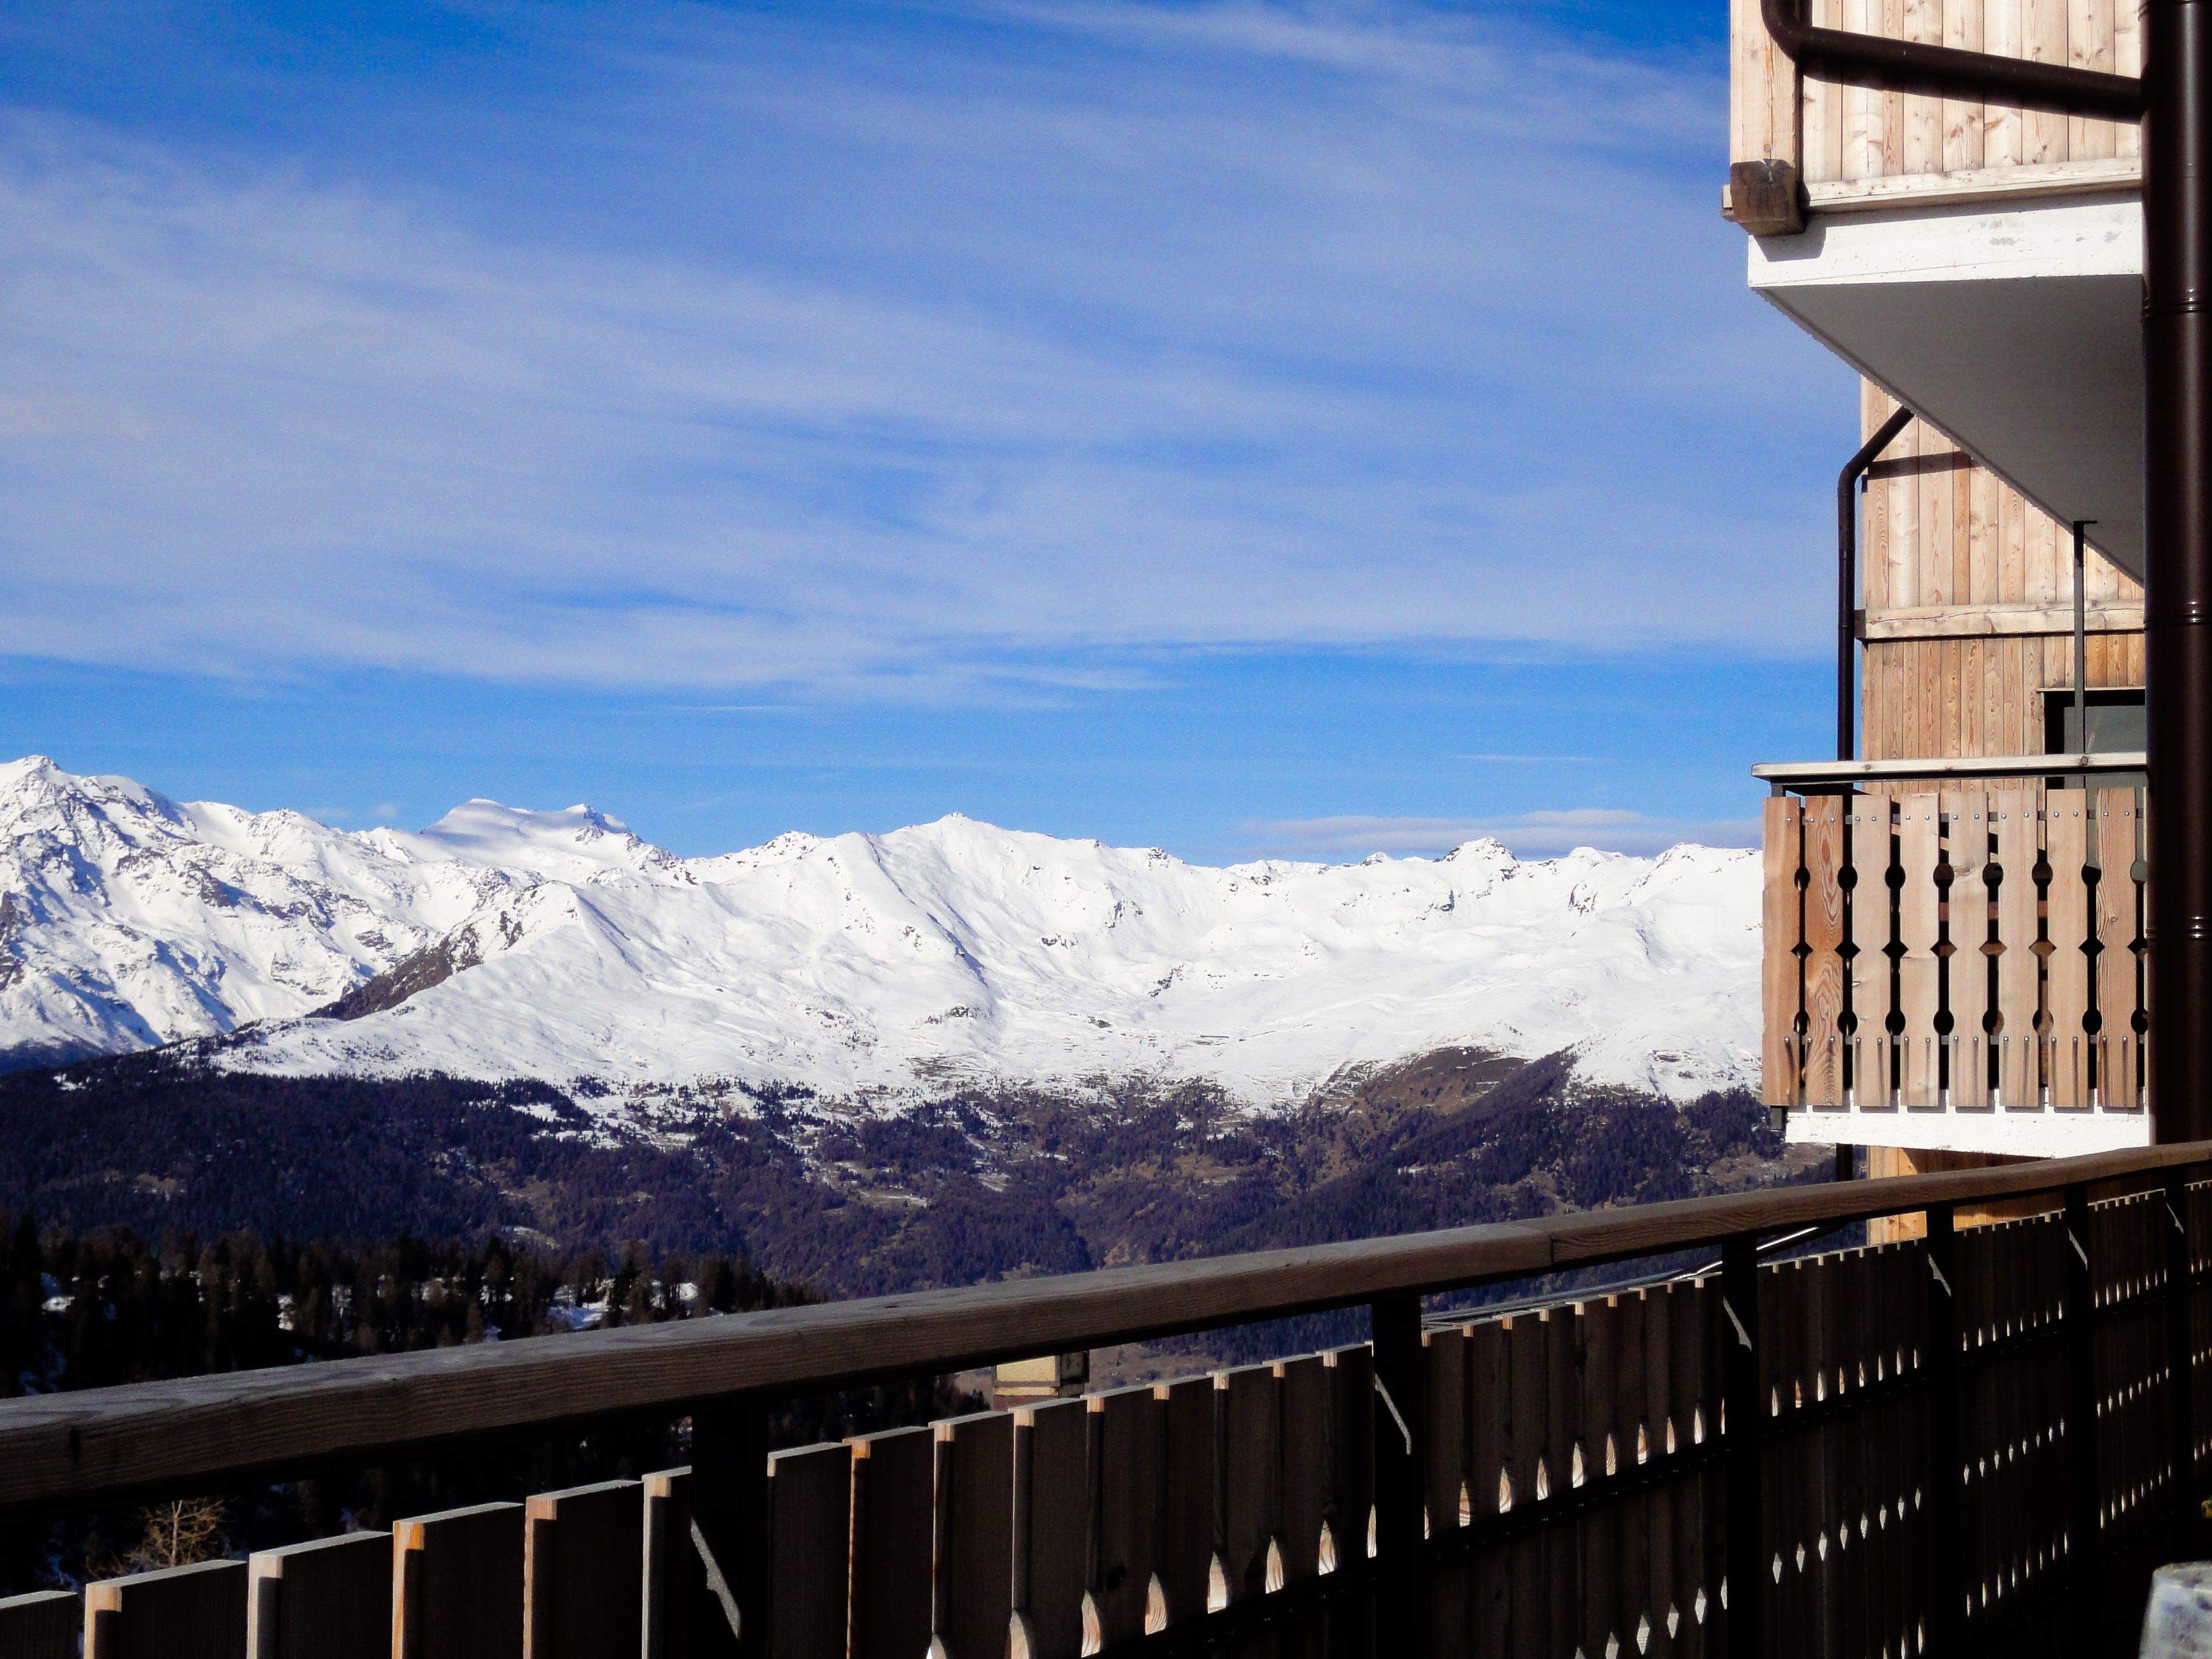 Free stock photo of snow, winter, mountain, top